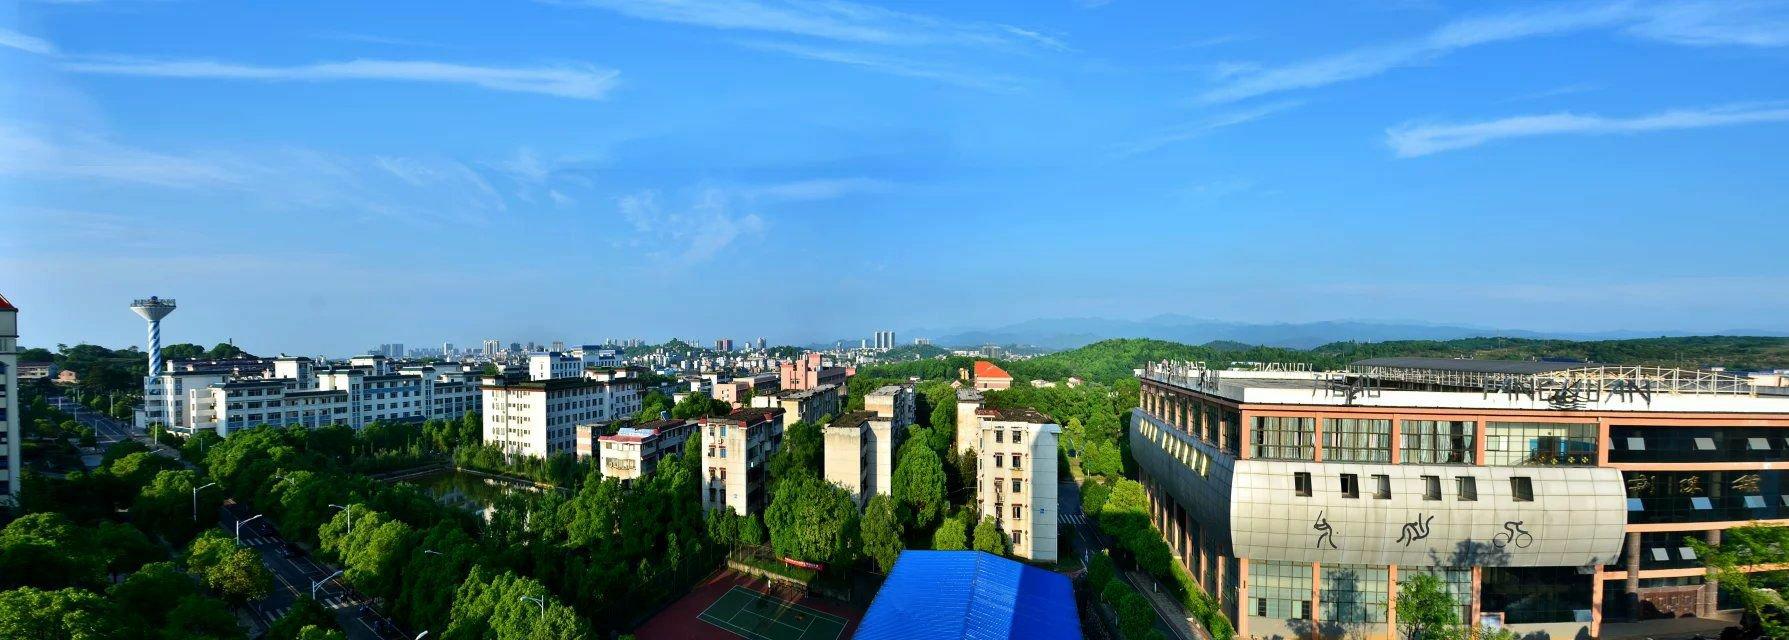 湖南科技学院_湖南科技学院:第361期:第02版:第02版